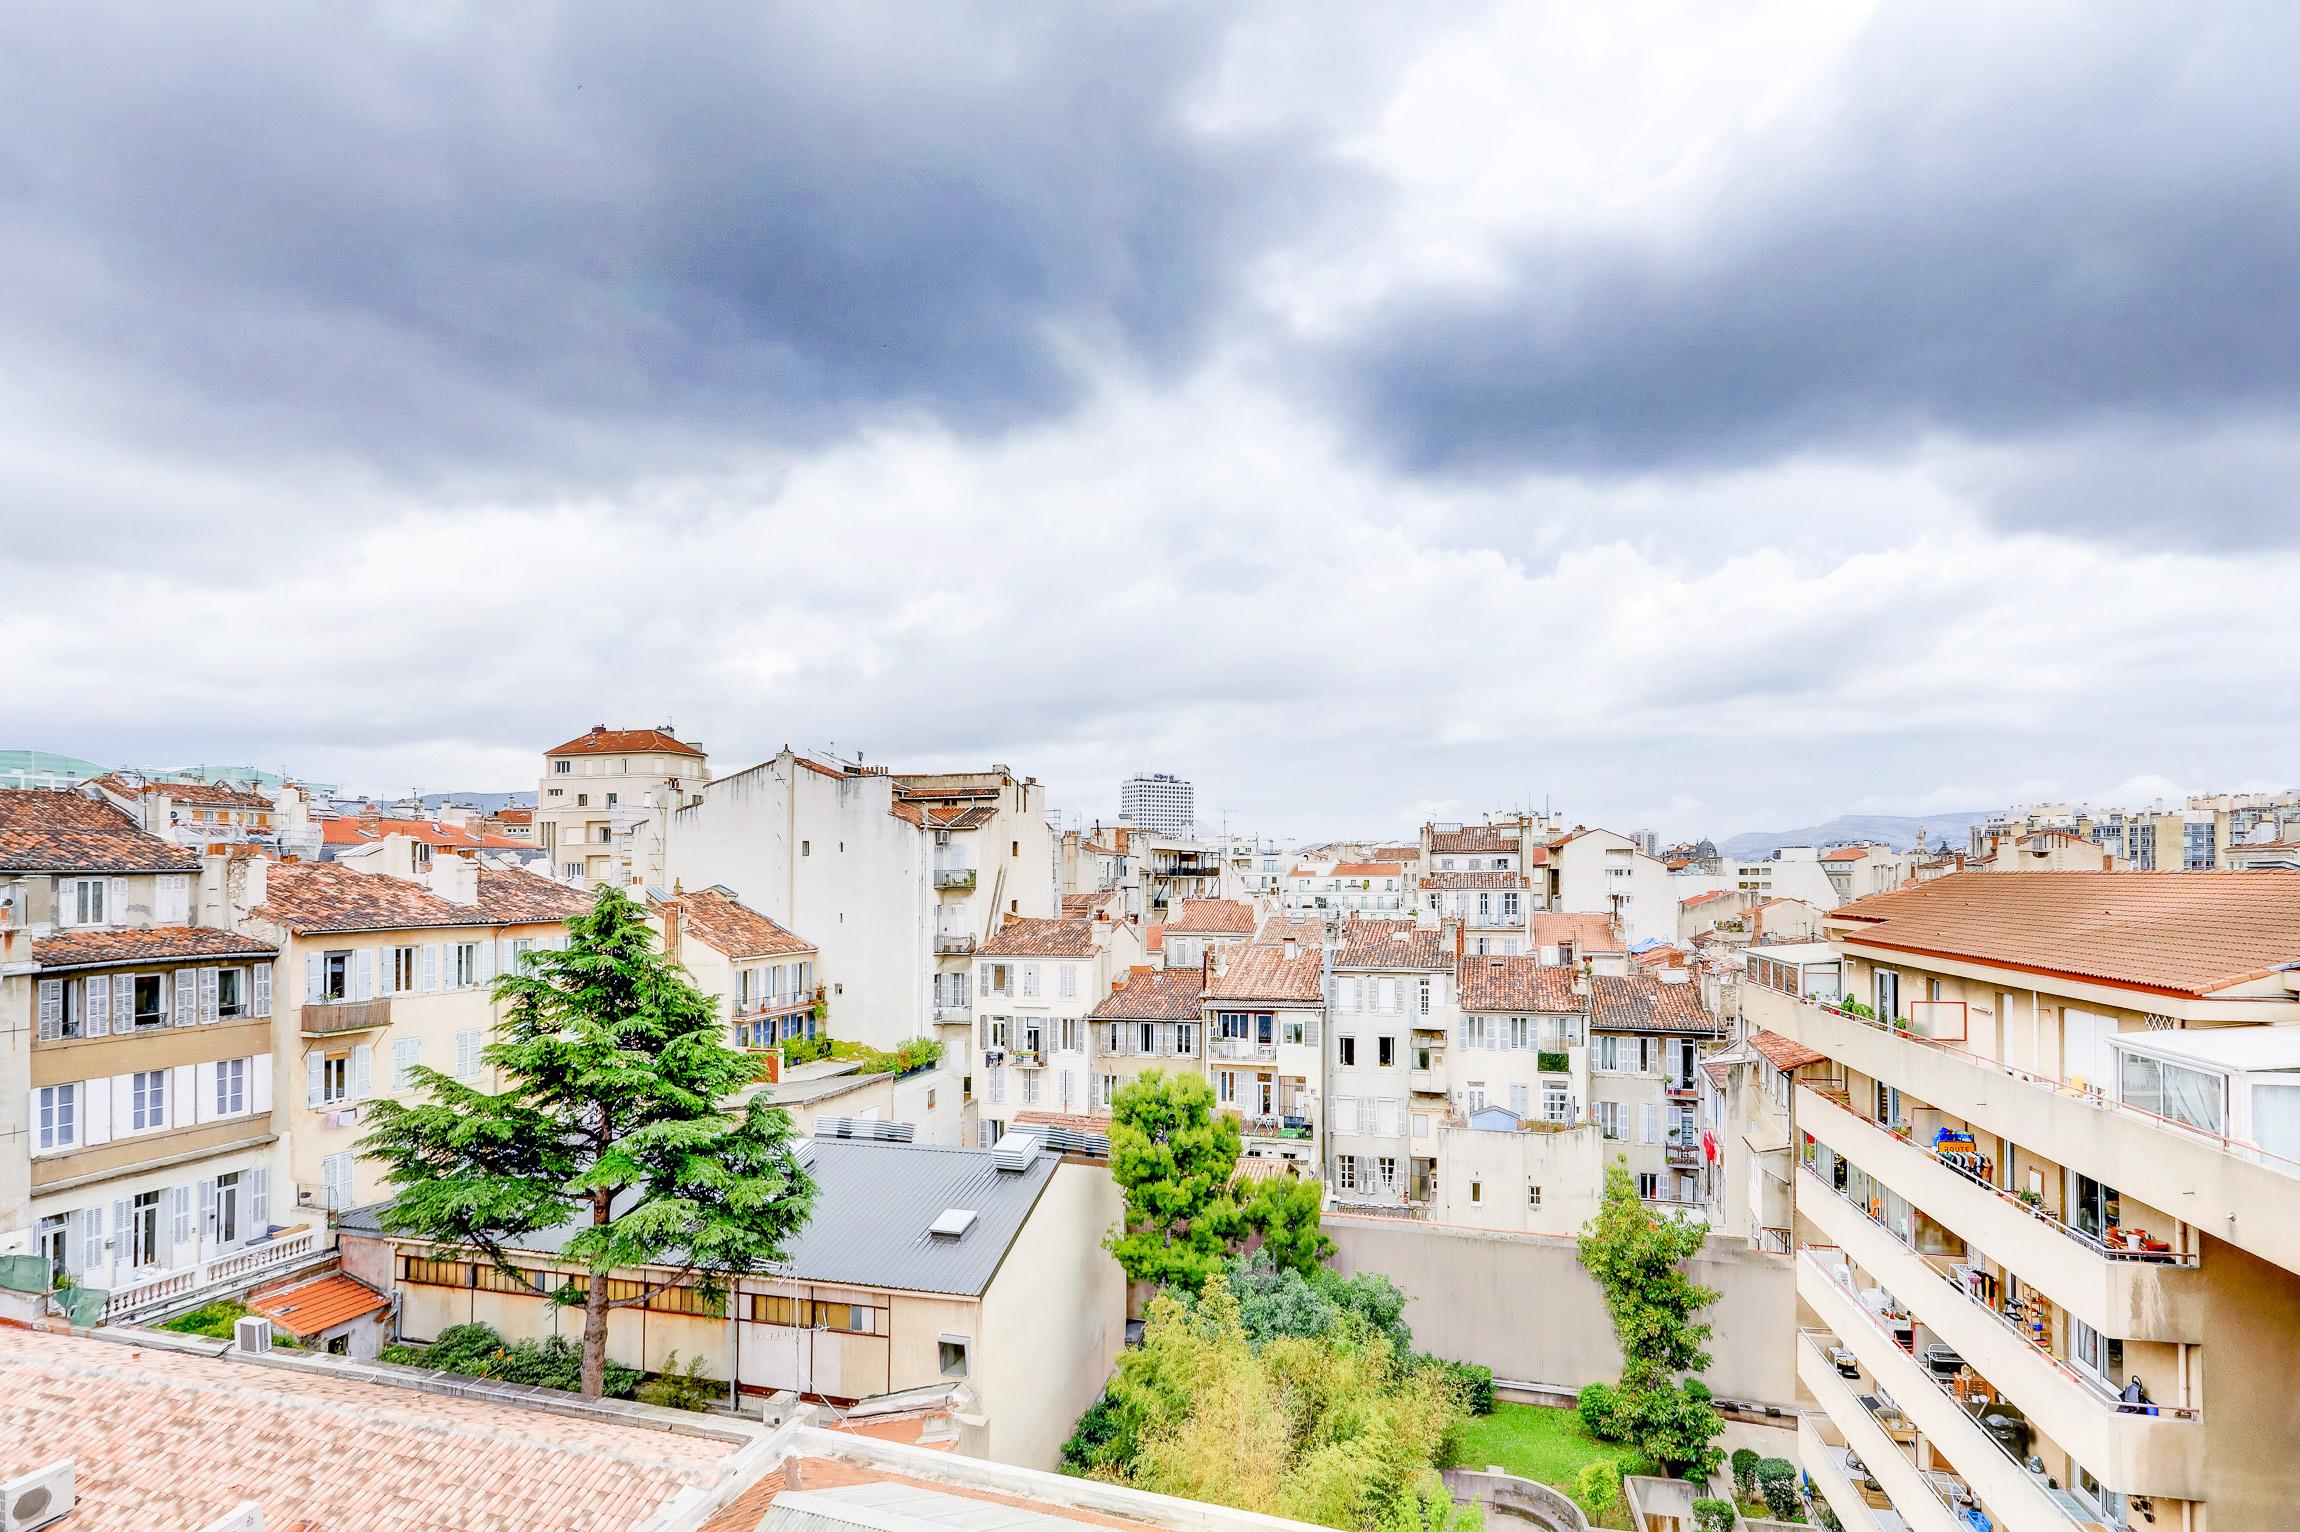 Duplex en dernier étage – Marseille Préfecture